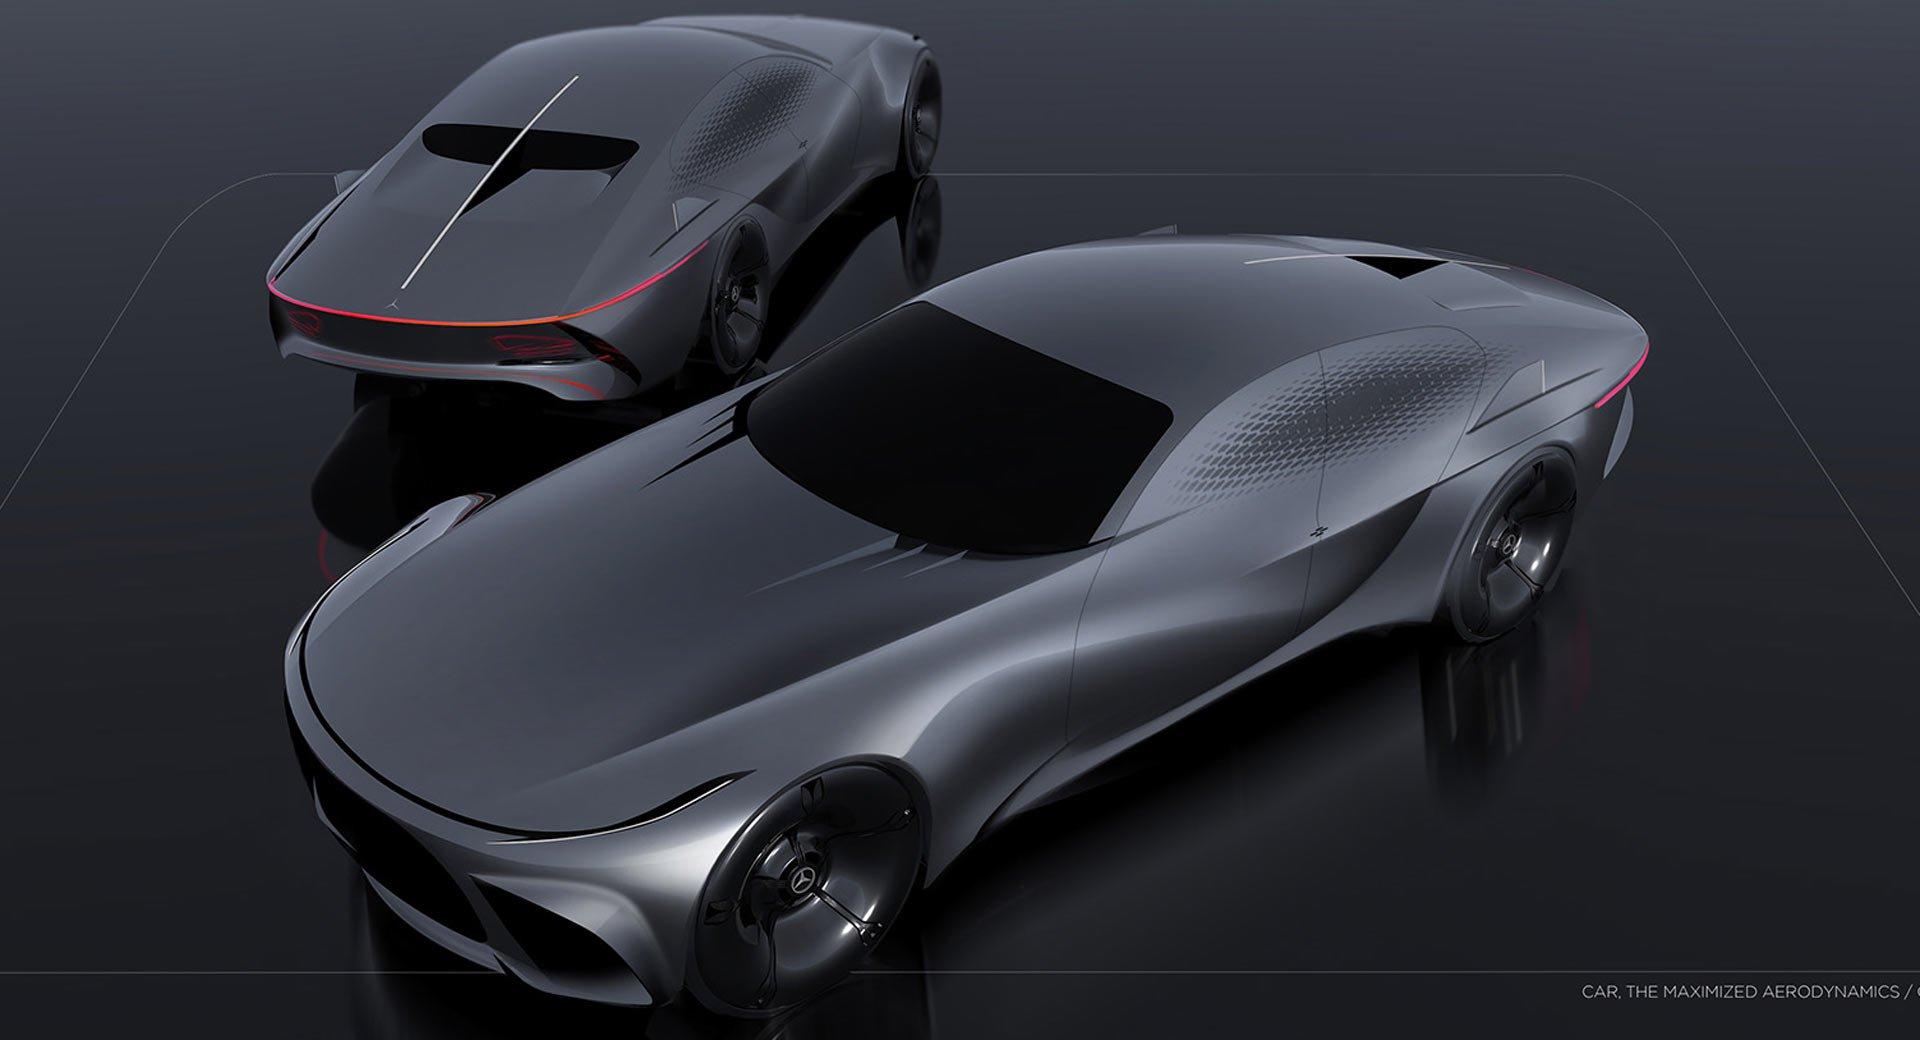 Mercedes Benz Nostalgia del futuro. Concepto.